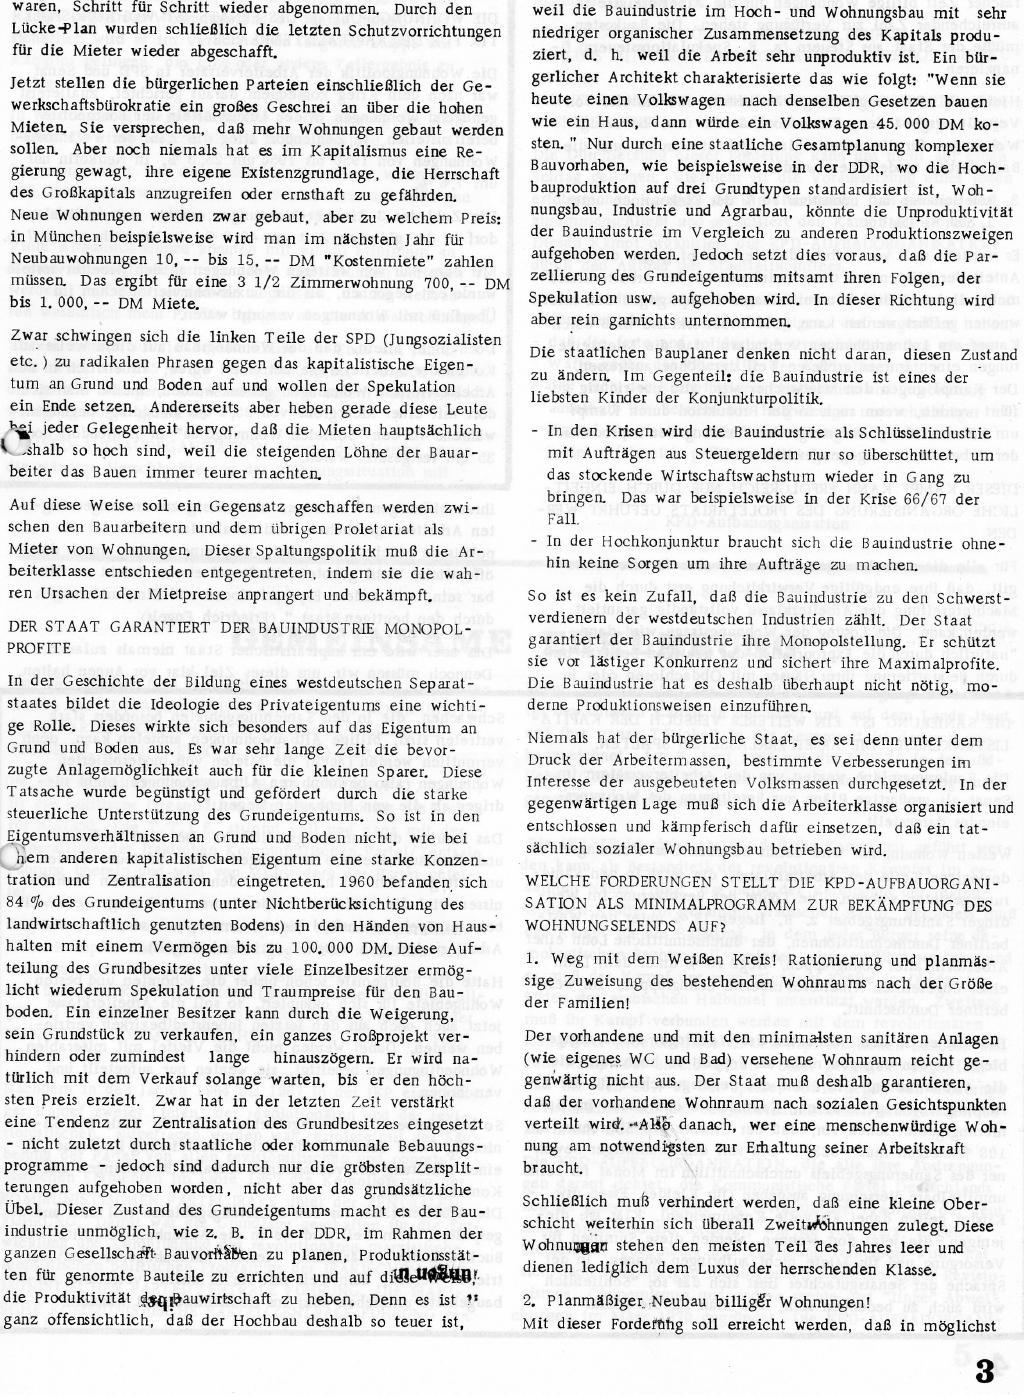 RPK_1970_089_03